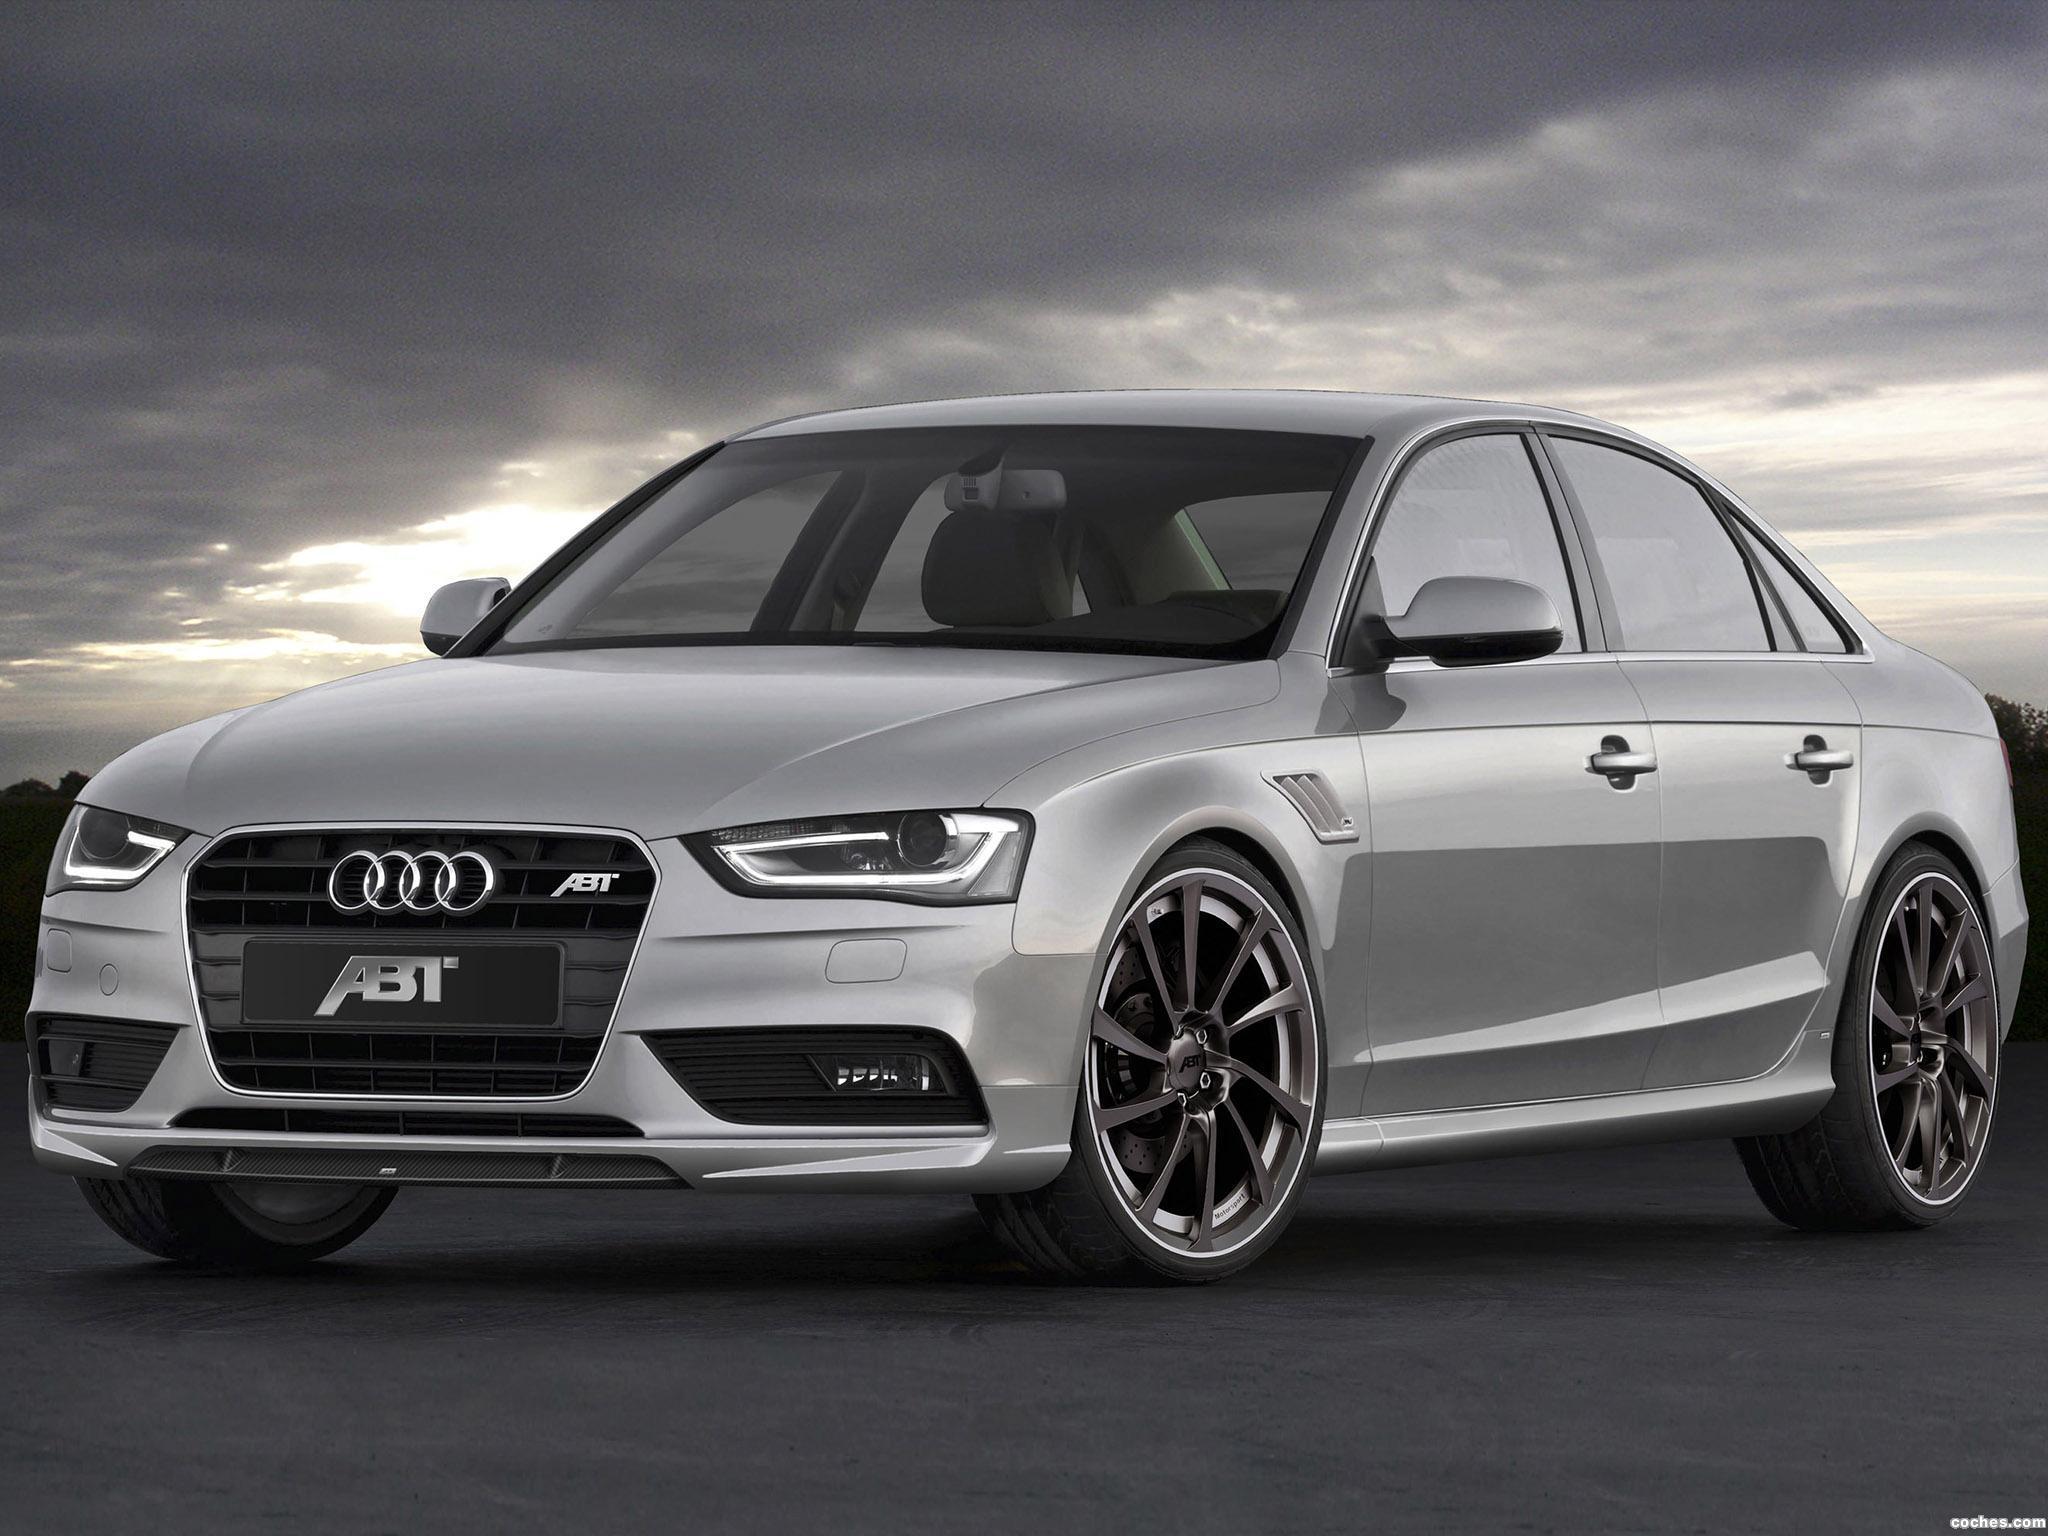 Foto 0 de Audi ABT A4 2012